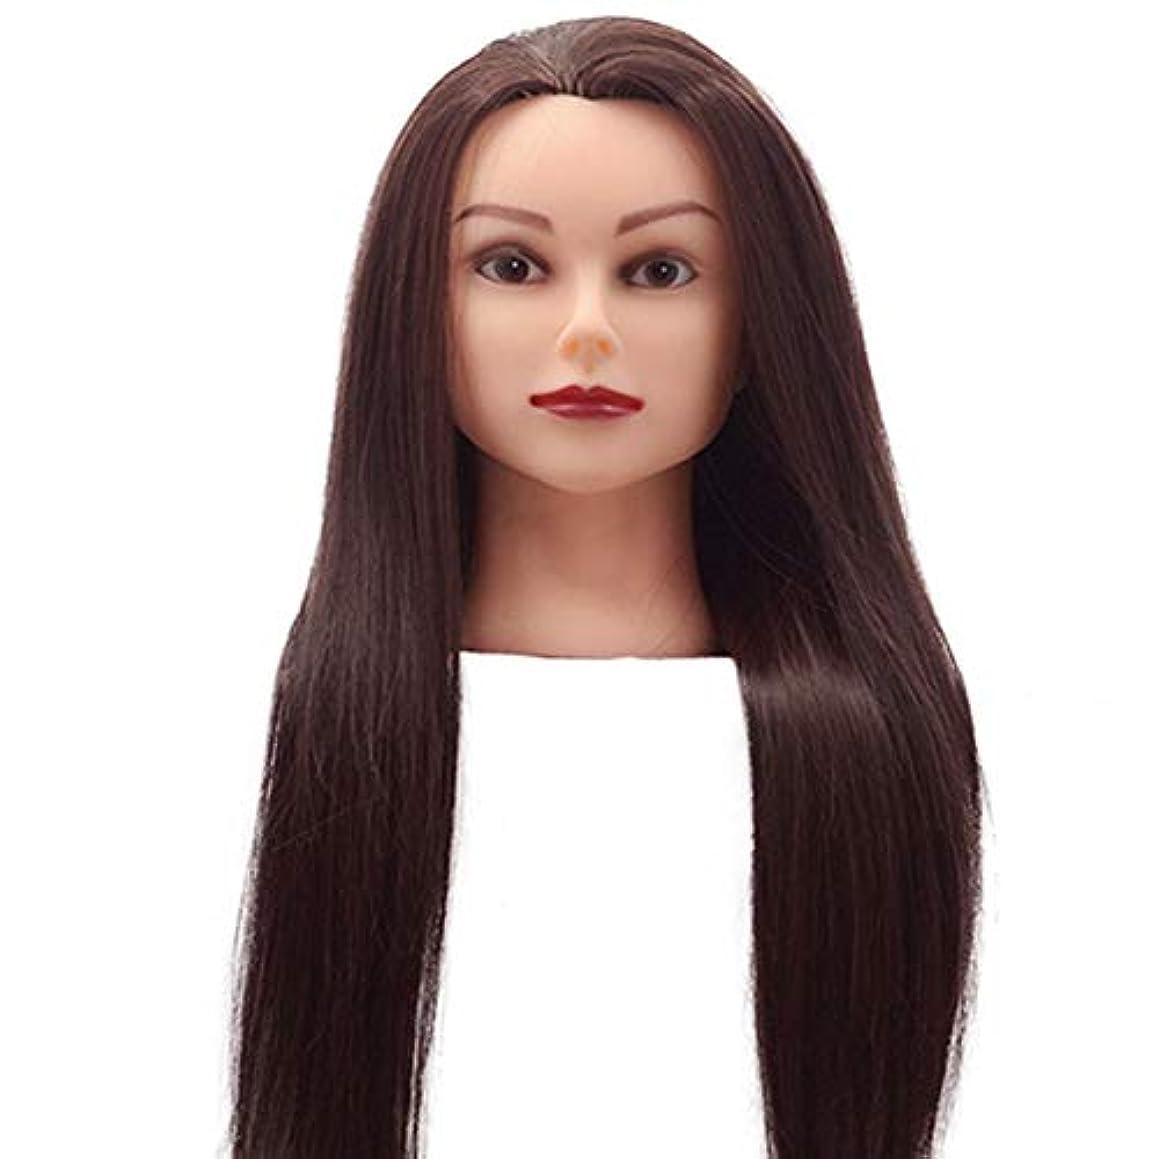 着る改善誓約理髪モデルヘッド花嫁の髪編組三つ編み学習ヘッドモデル理髪店美容散髪ダミーエクササイズヘッド